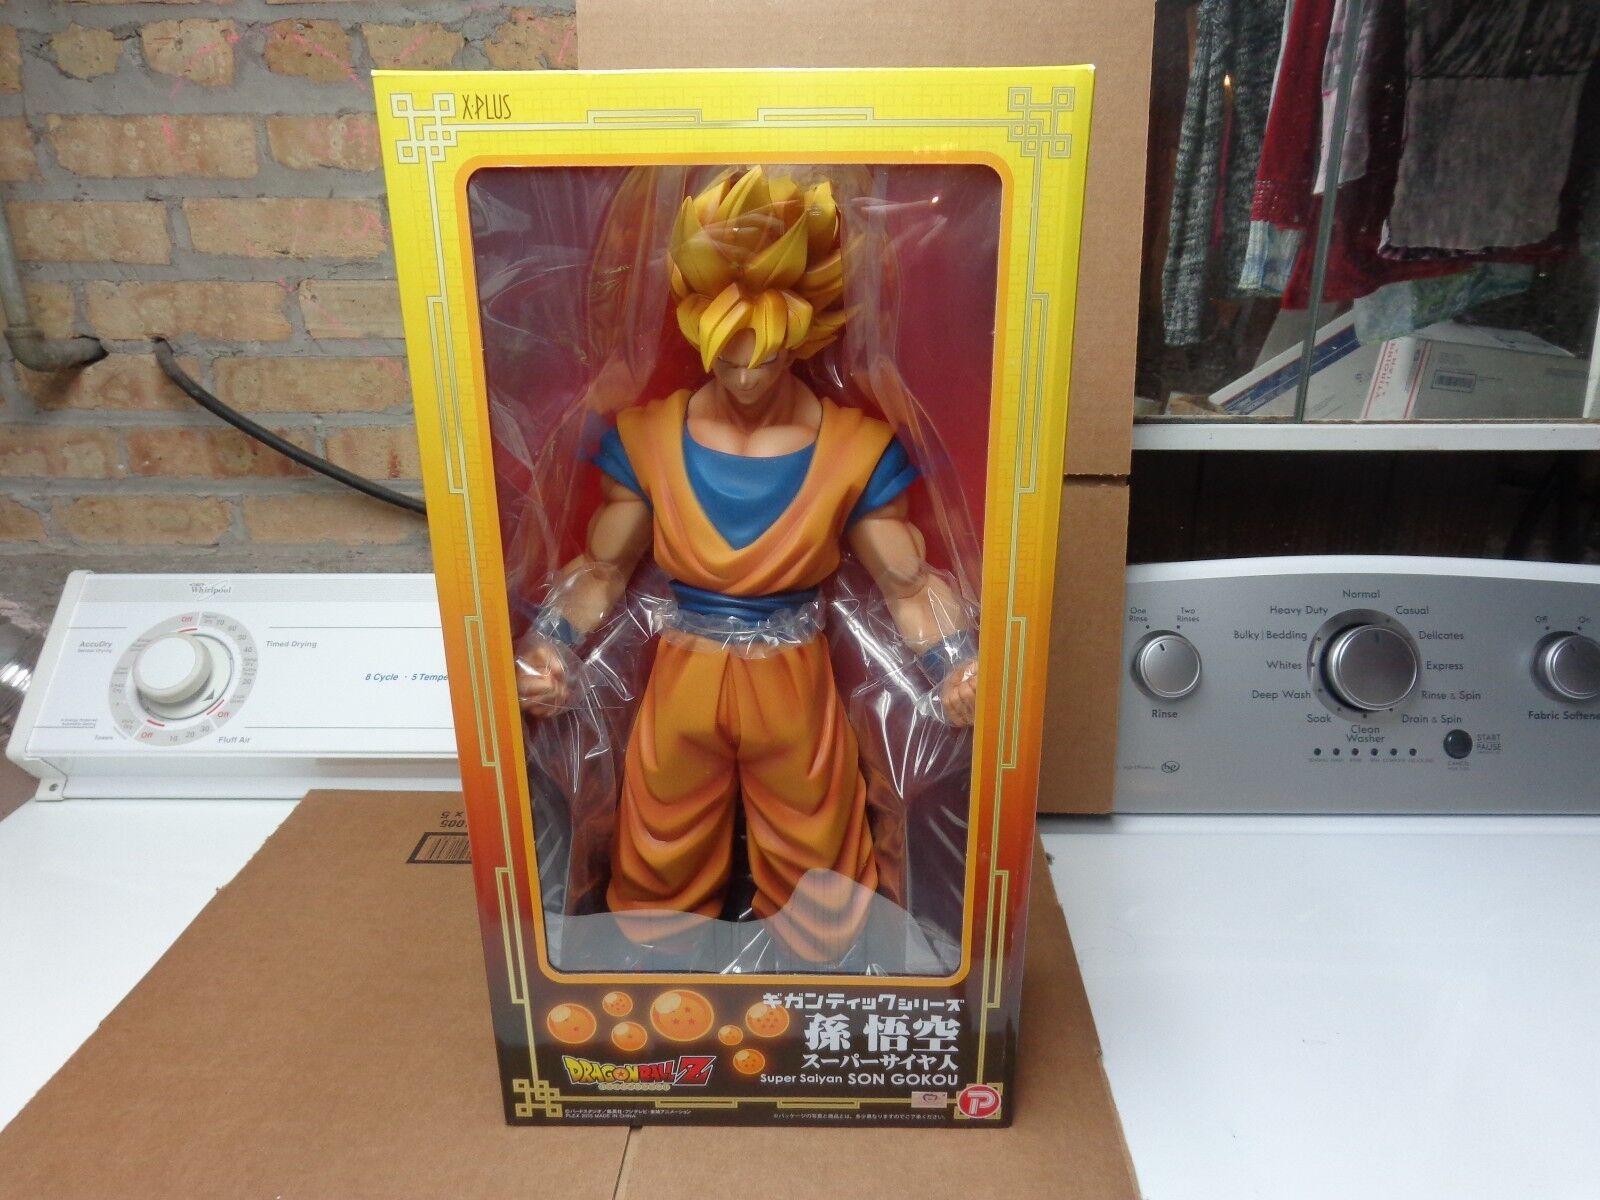 DragonBallZ Super Saiyan Son  Goku géant 18  X-Plus Japon Figure  vente d'usine en ligne discount